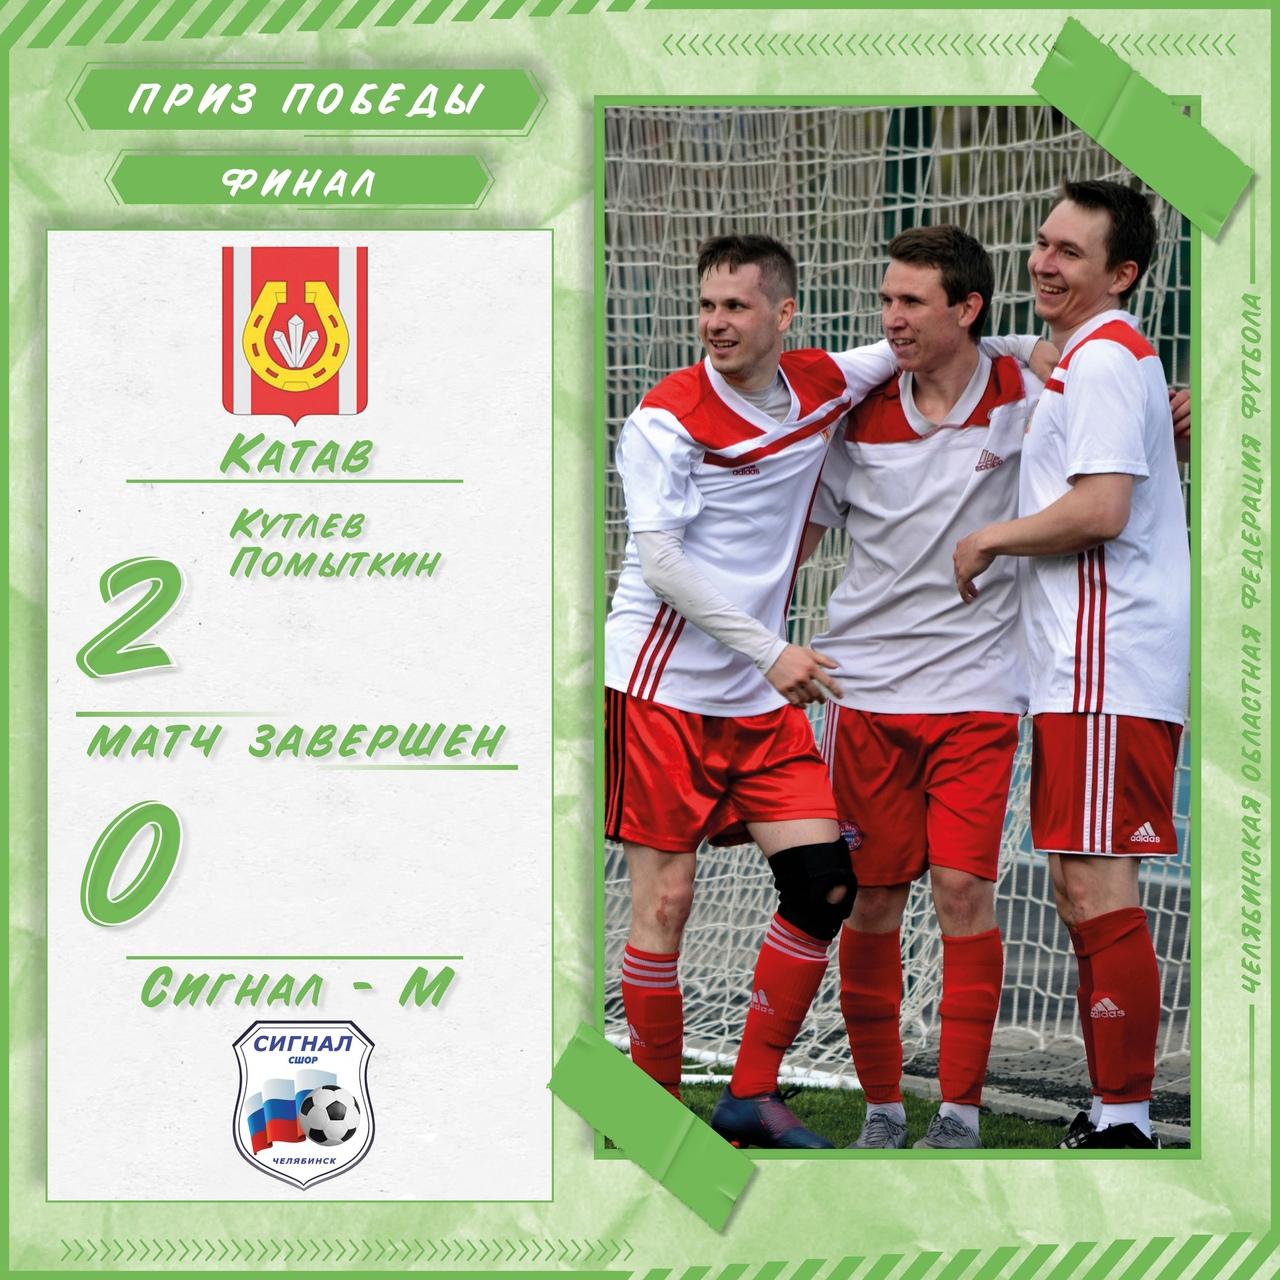 Катав